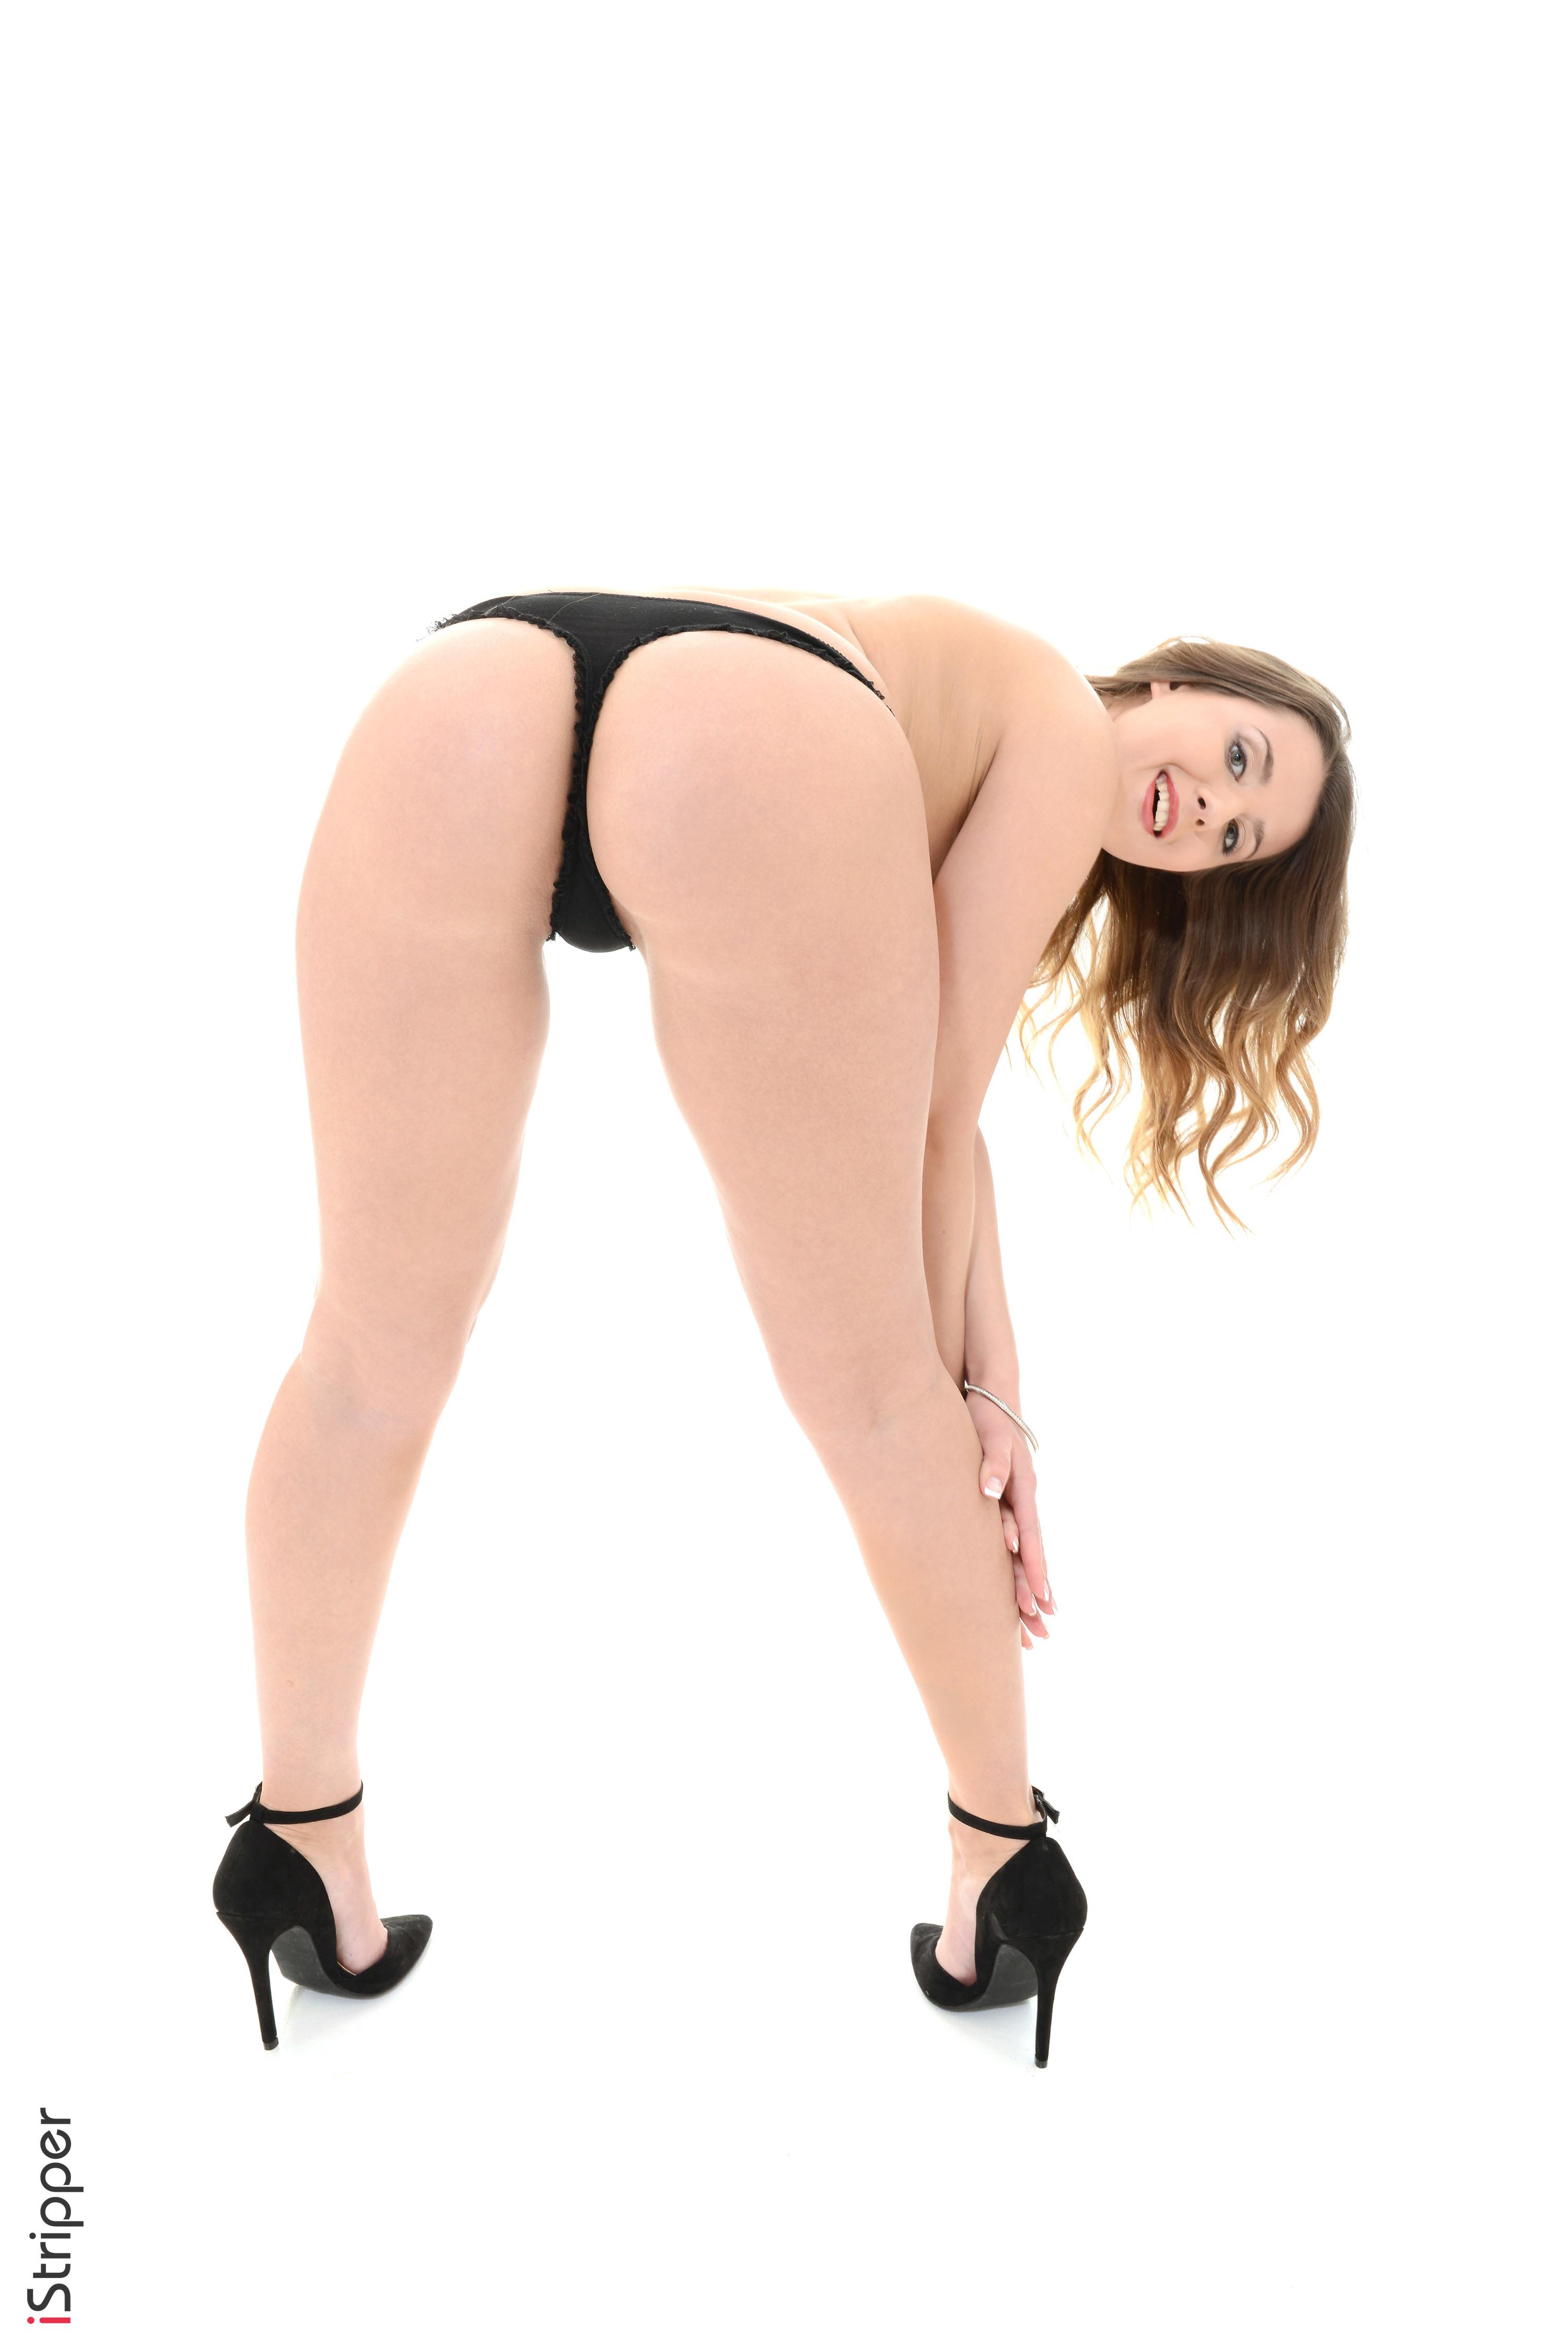 porn wallpaper hd